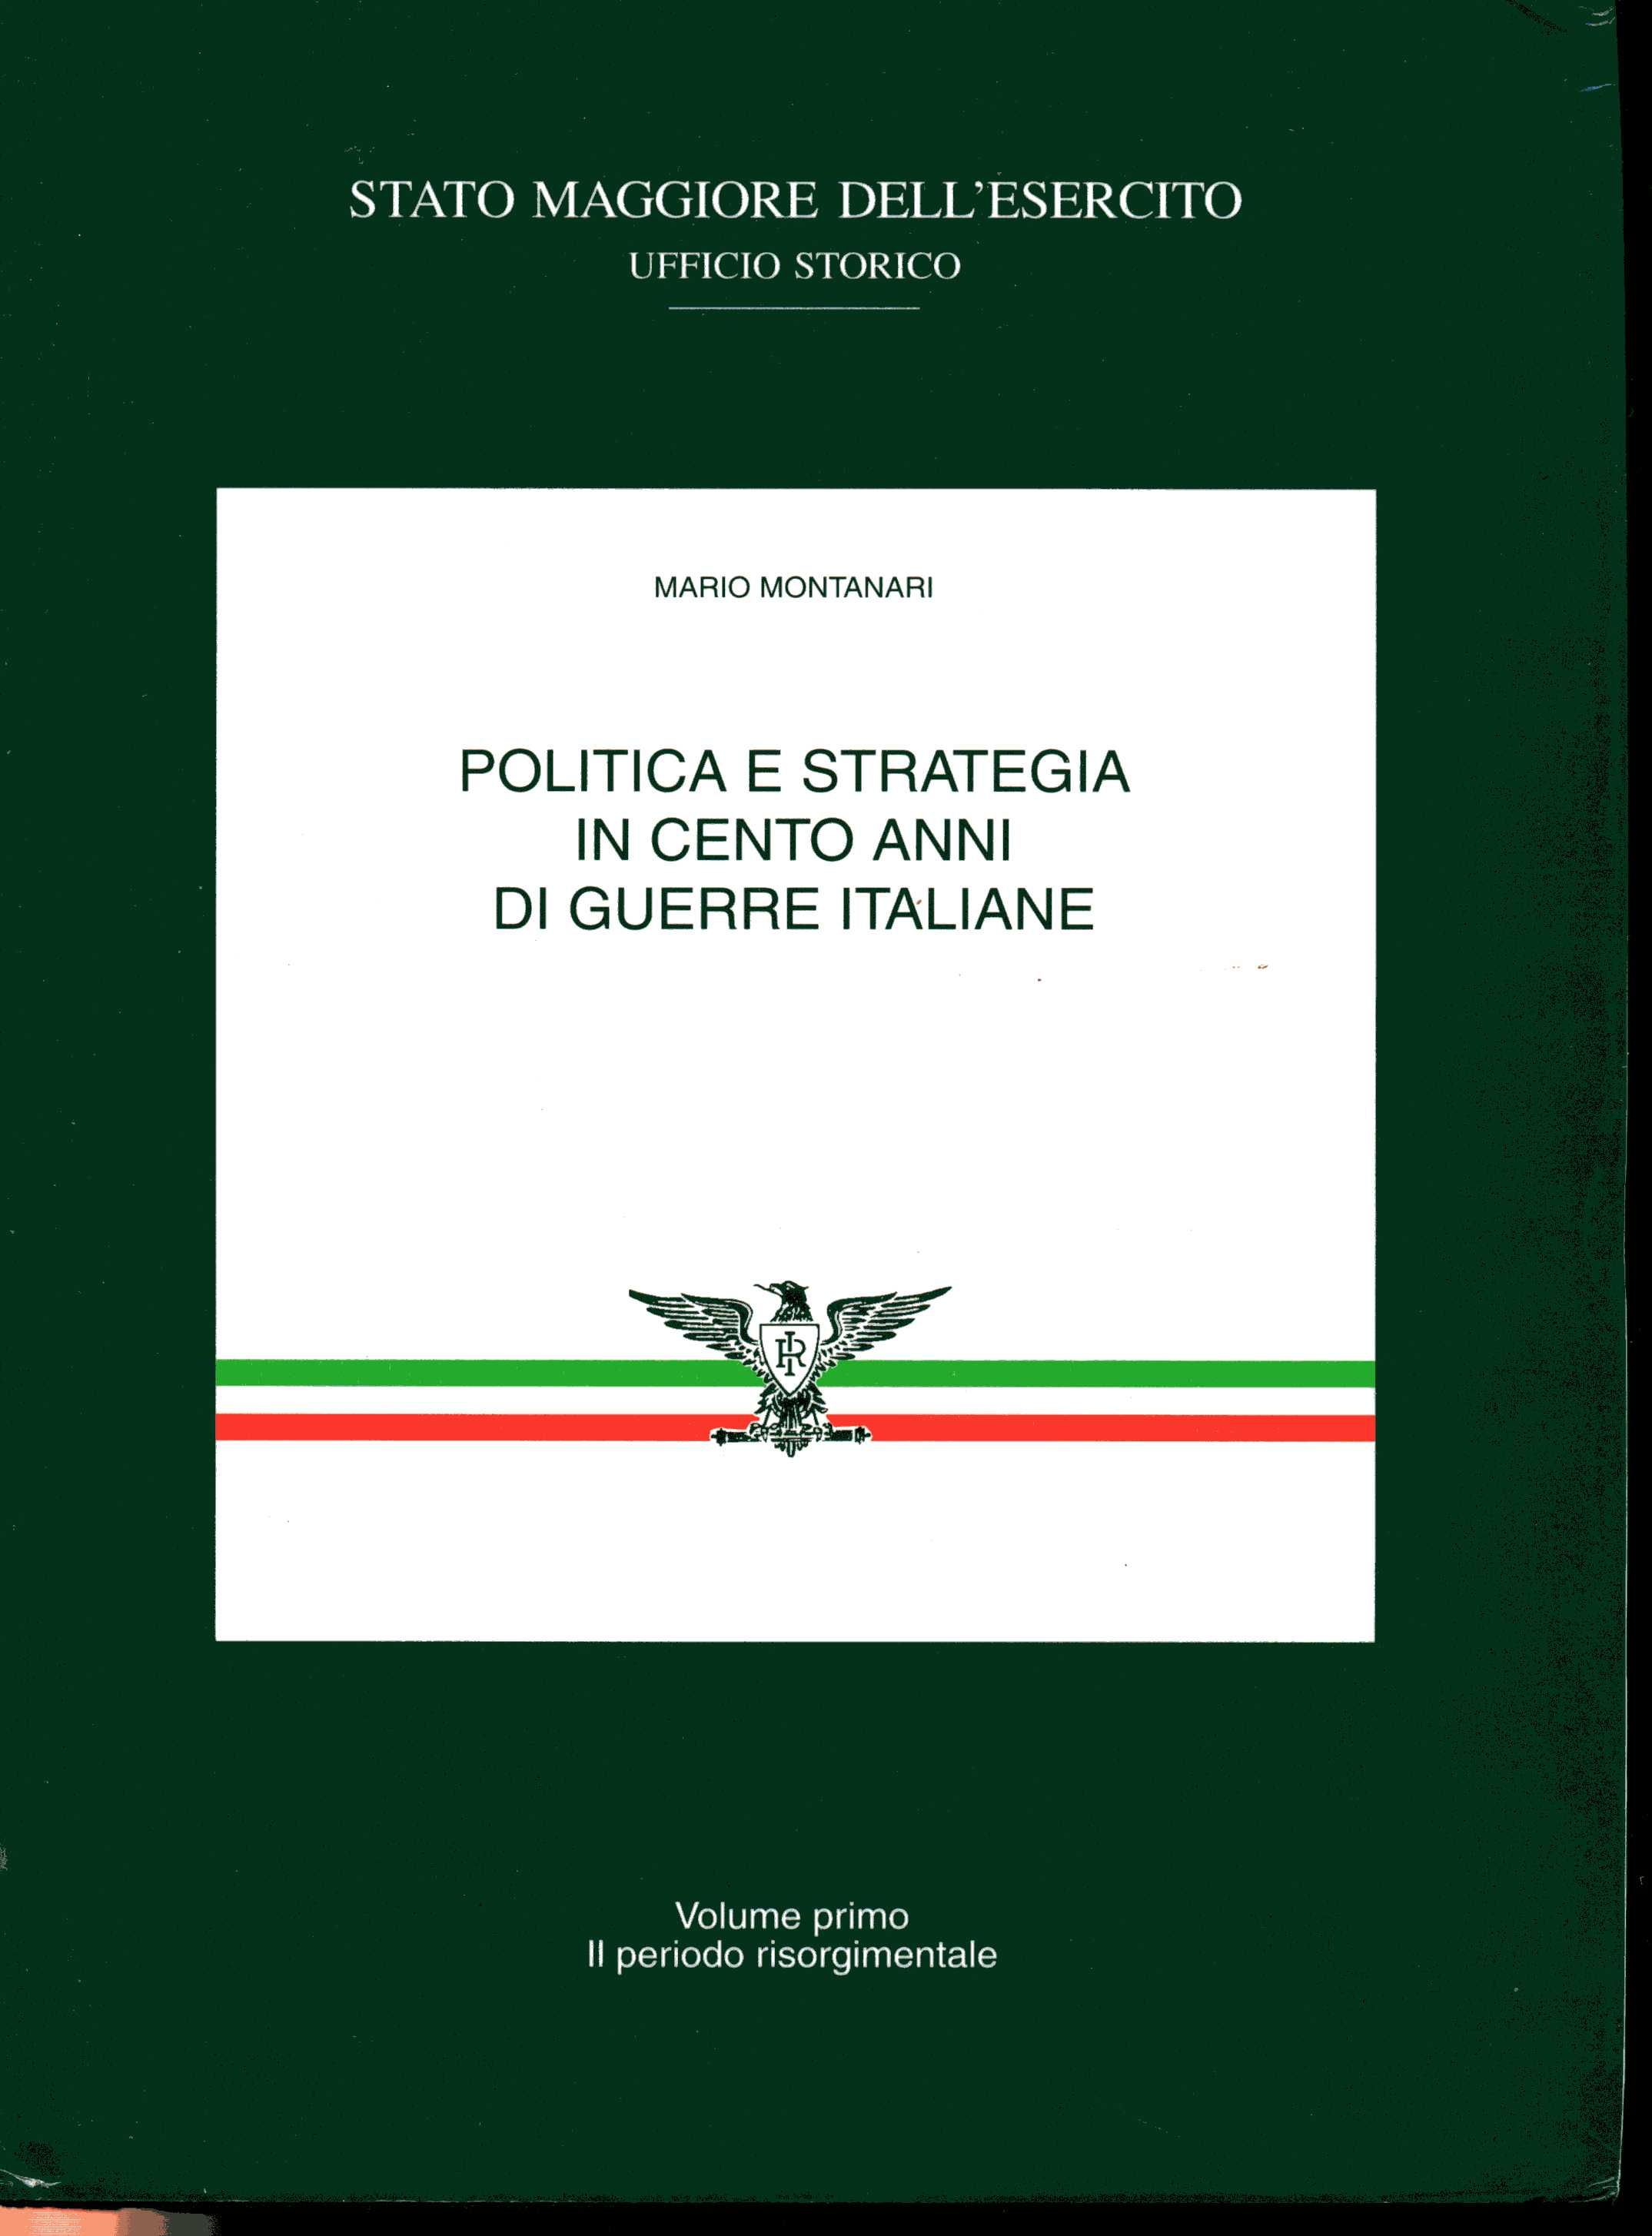 Politica e strategia in cento anni di guerre italiane